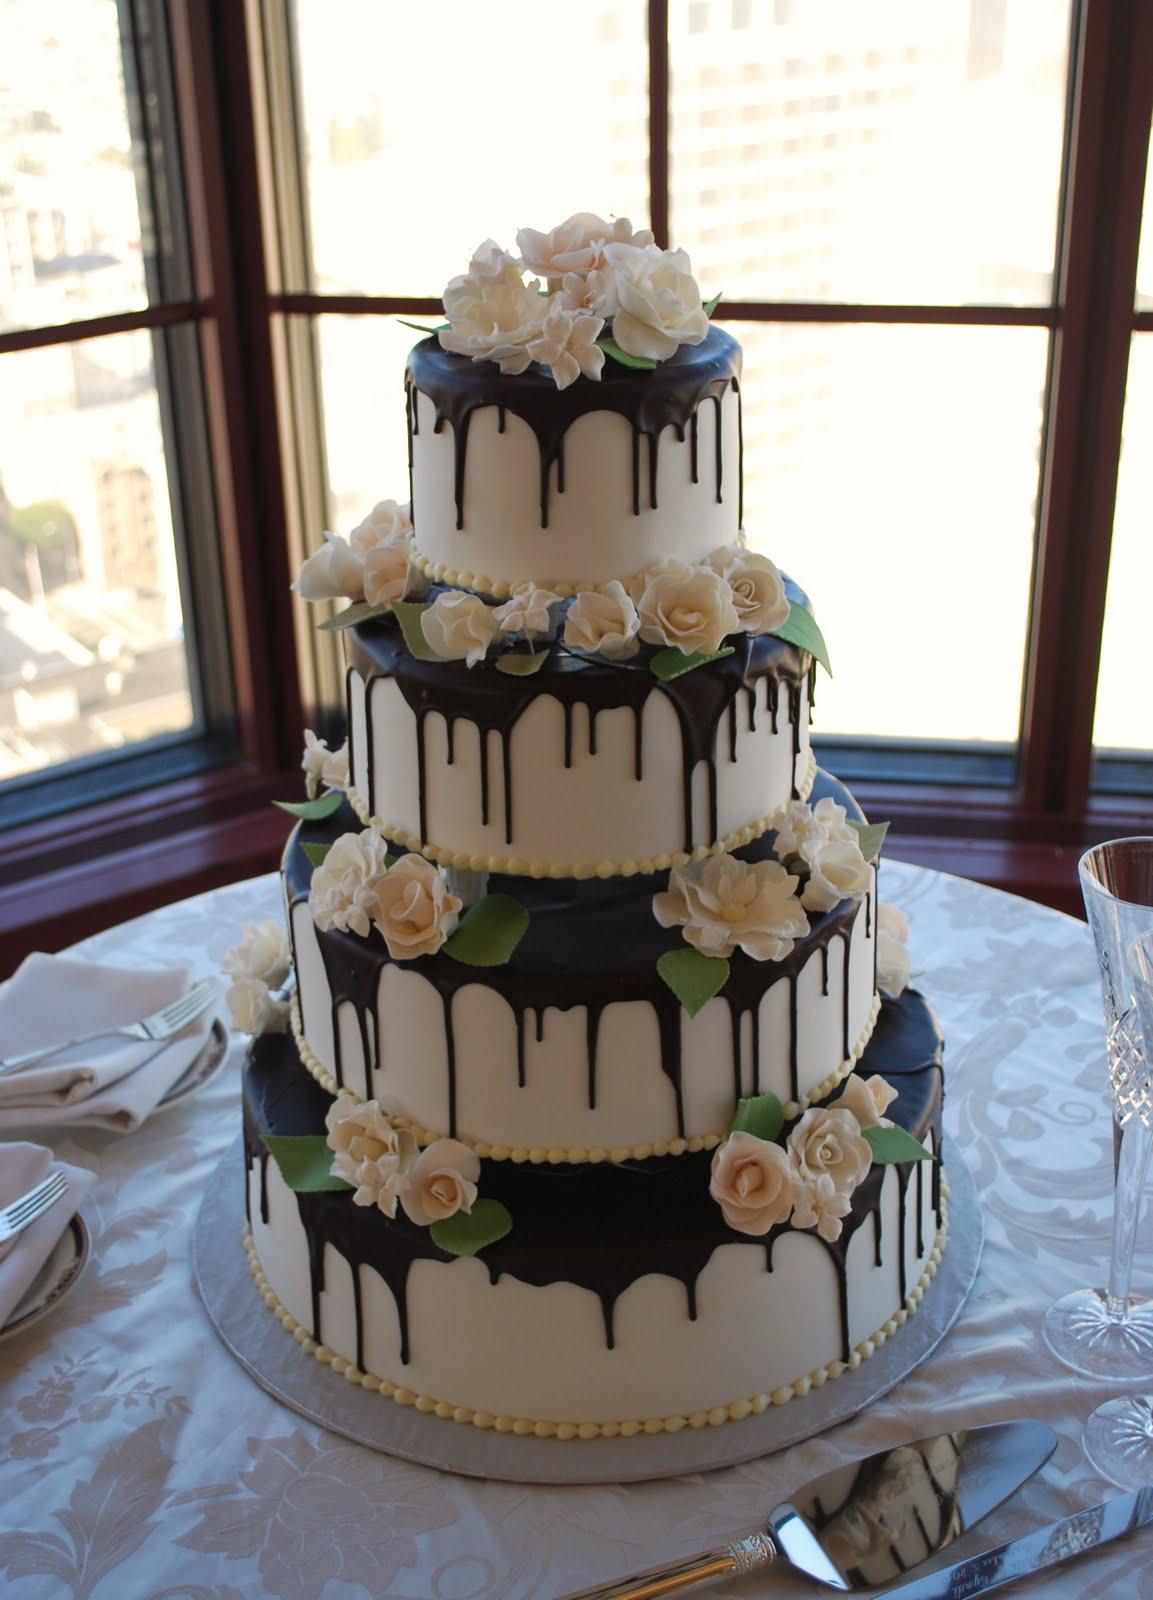 The Beehive Chocolate Ganache White Rose Cake